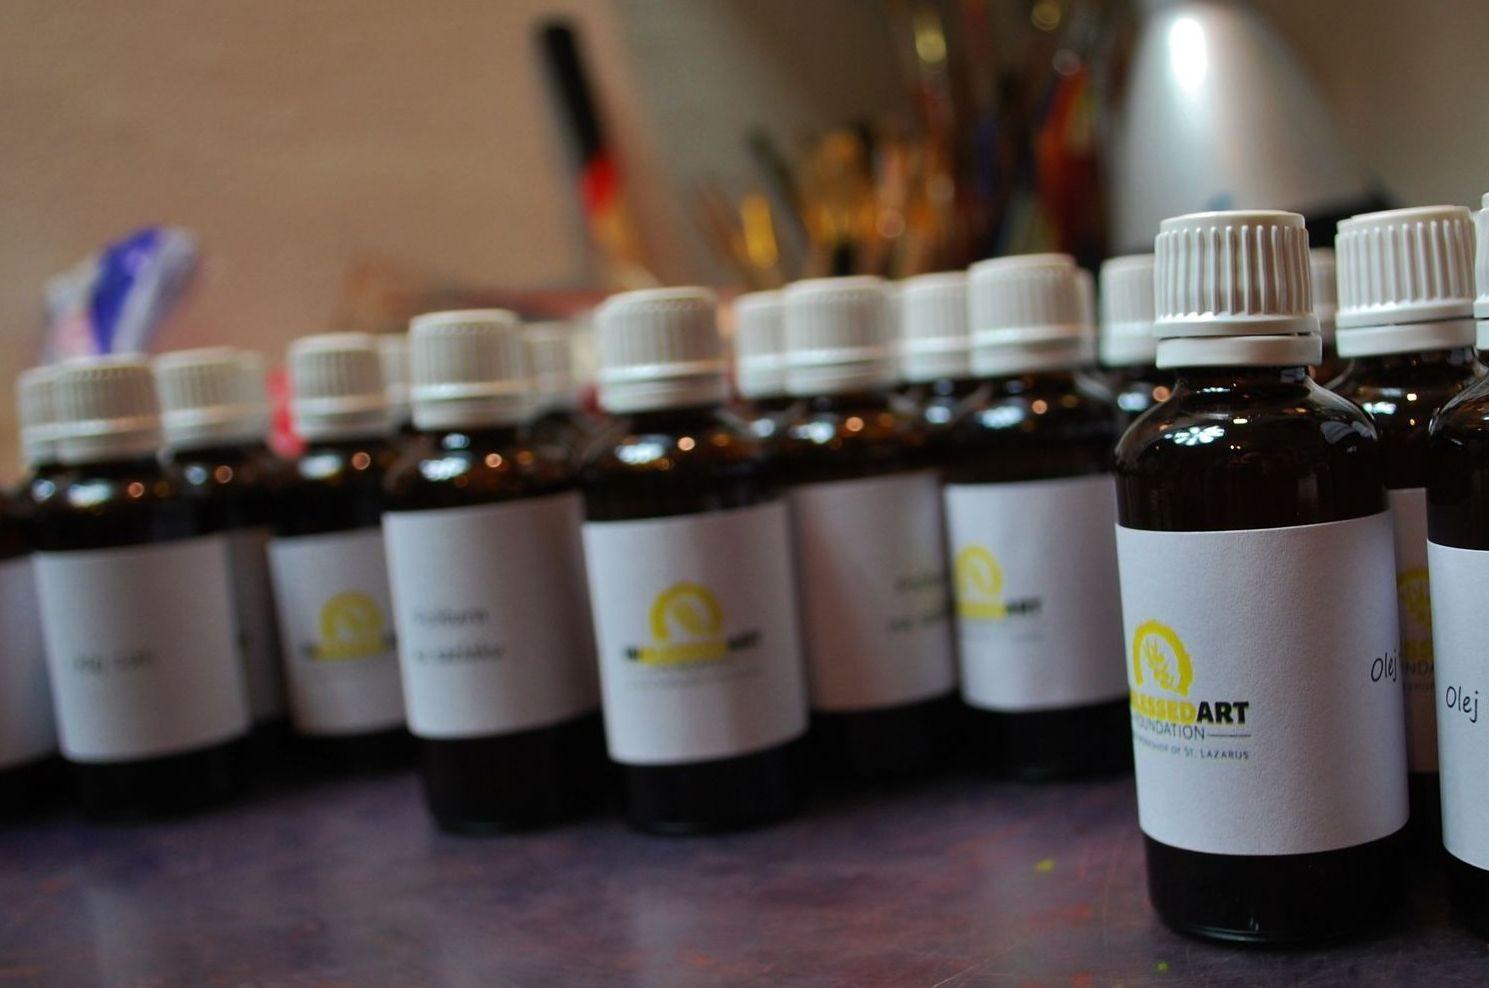 Olej lniany 50 ml